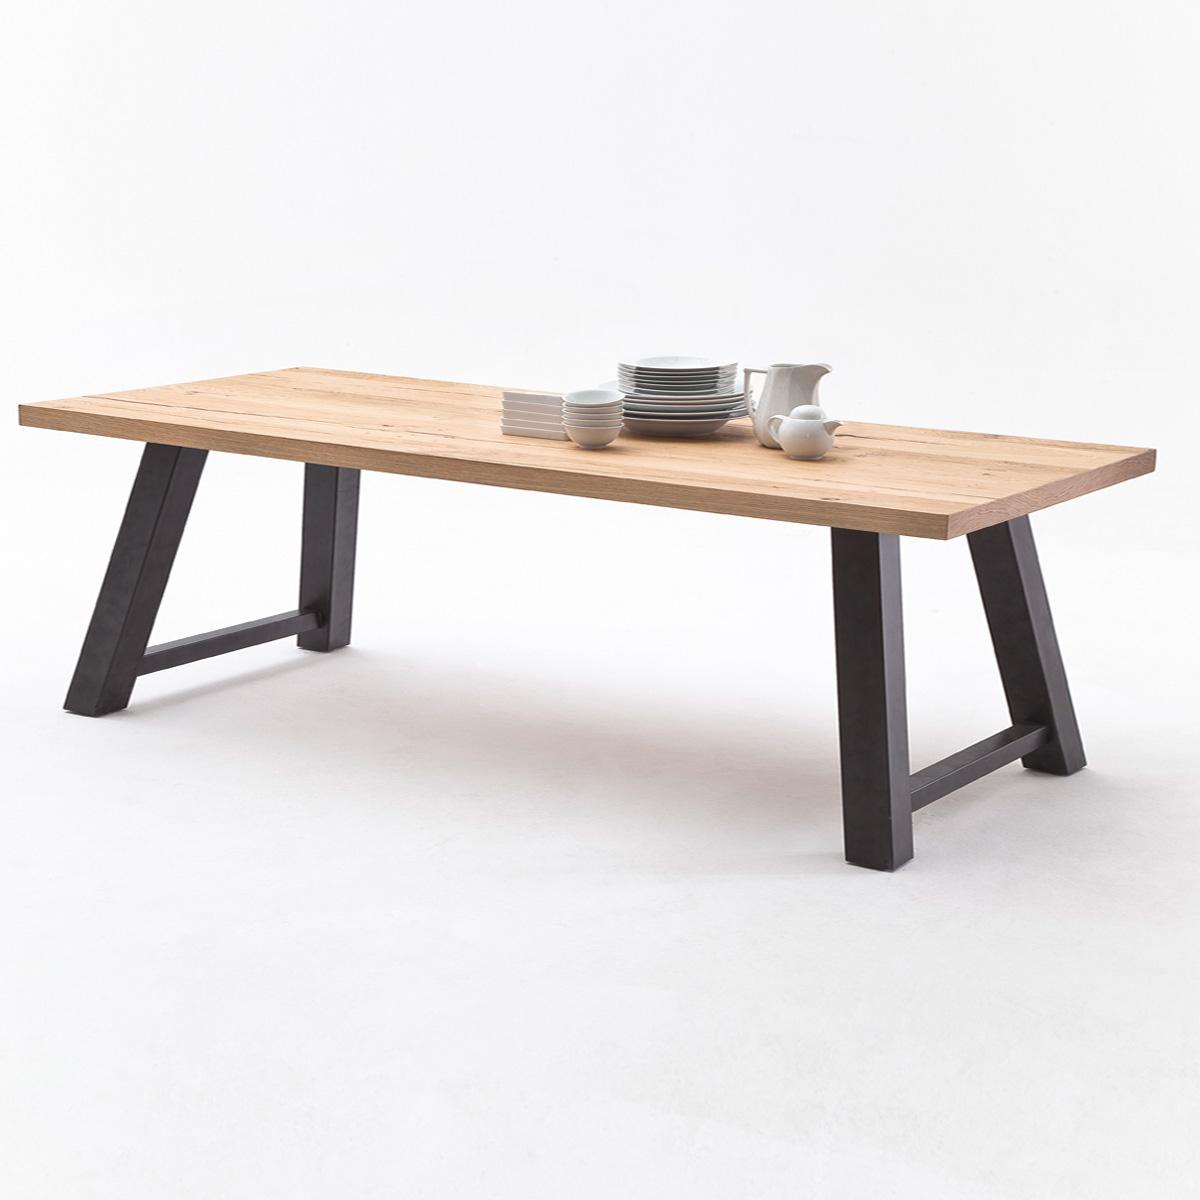 Tisch 1 alvaro esstisch in eiche natur massiv edelstahl for Esstisch edelstahl